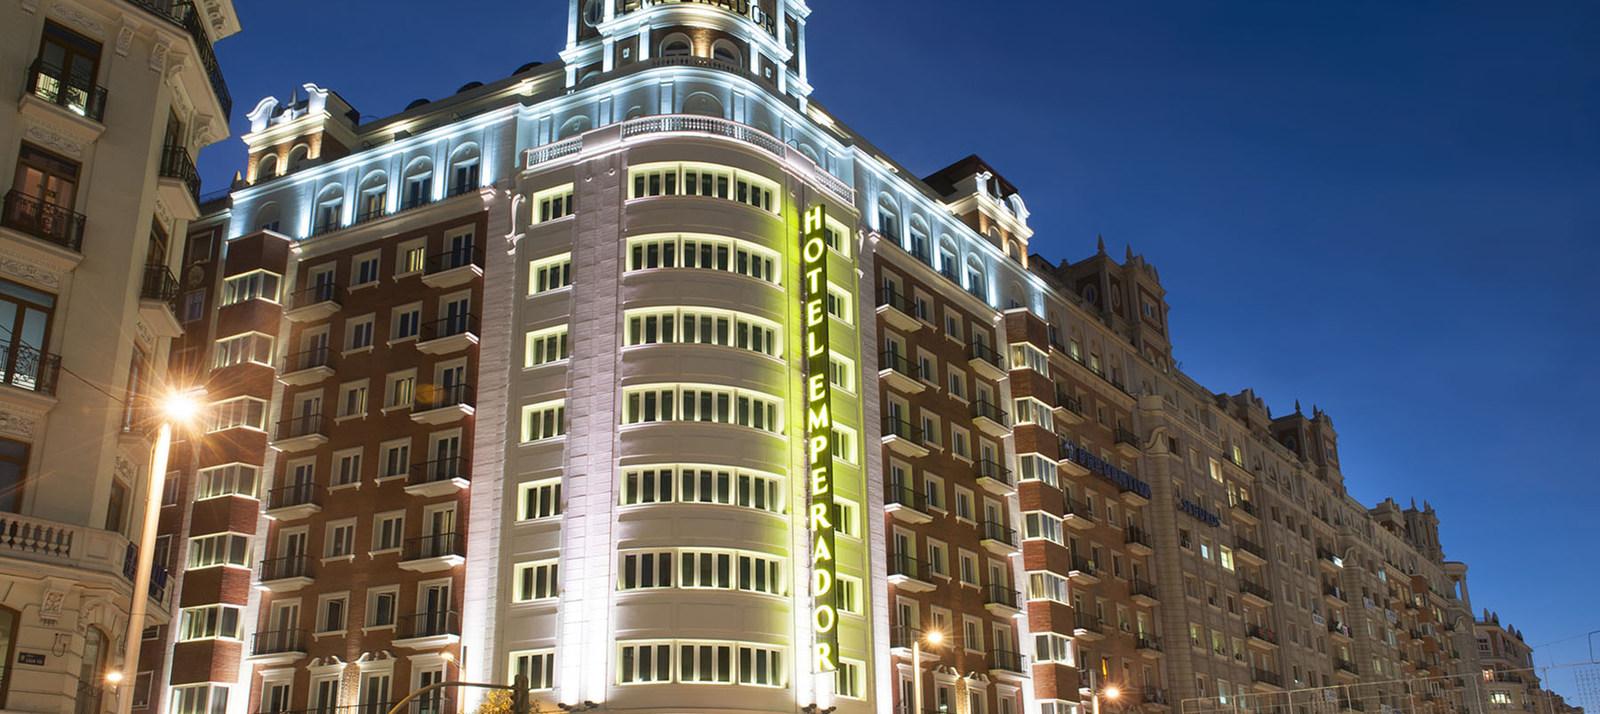 El hotel emperador un 39 oasis de lujo 39 en madrid nexotur - One shot hotels madrid ...